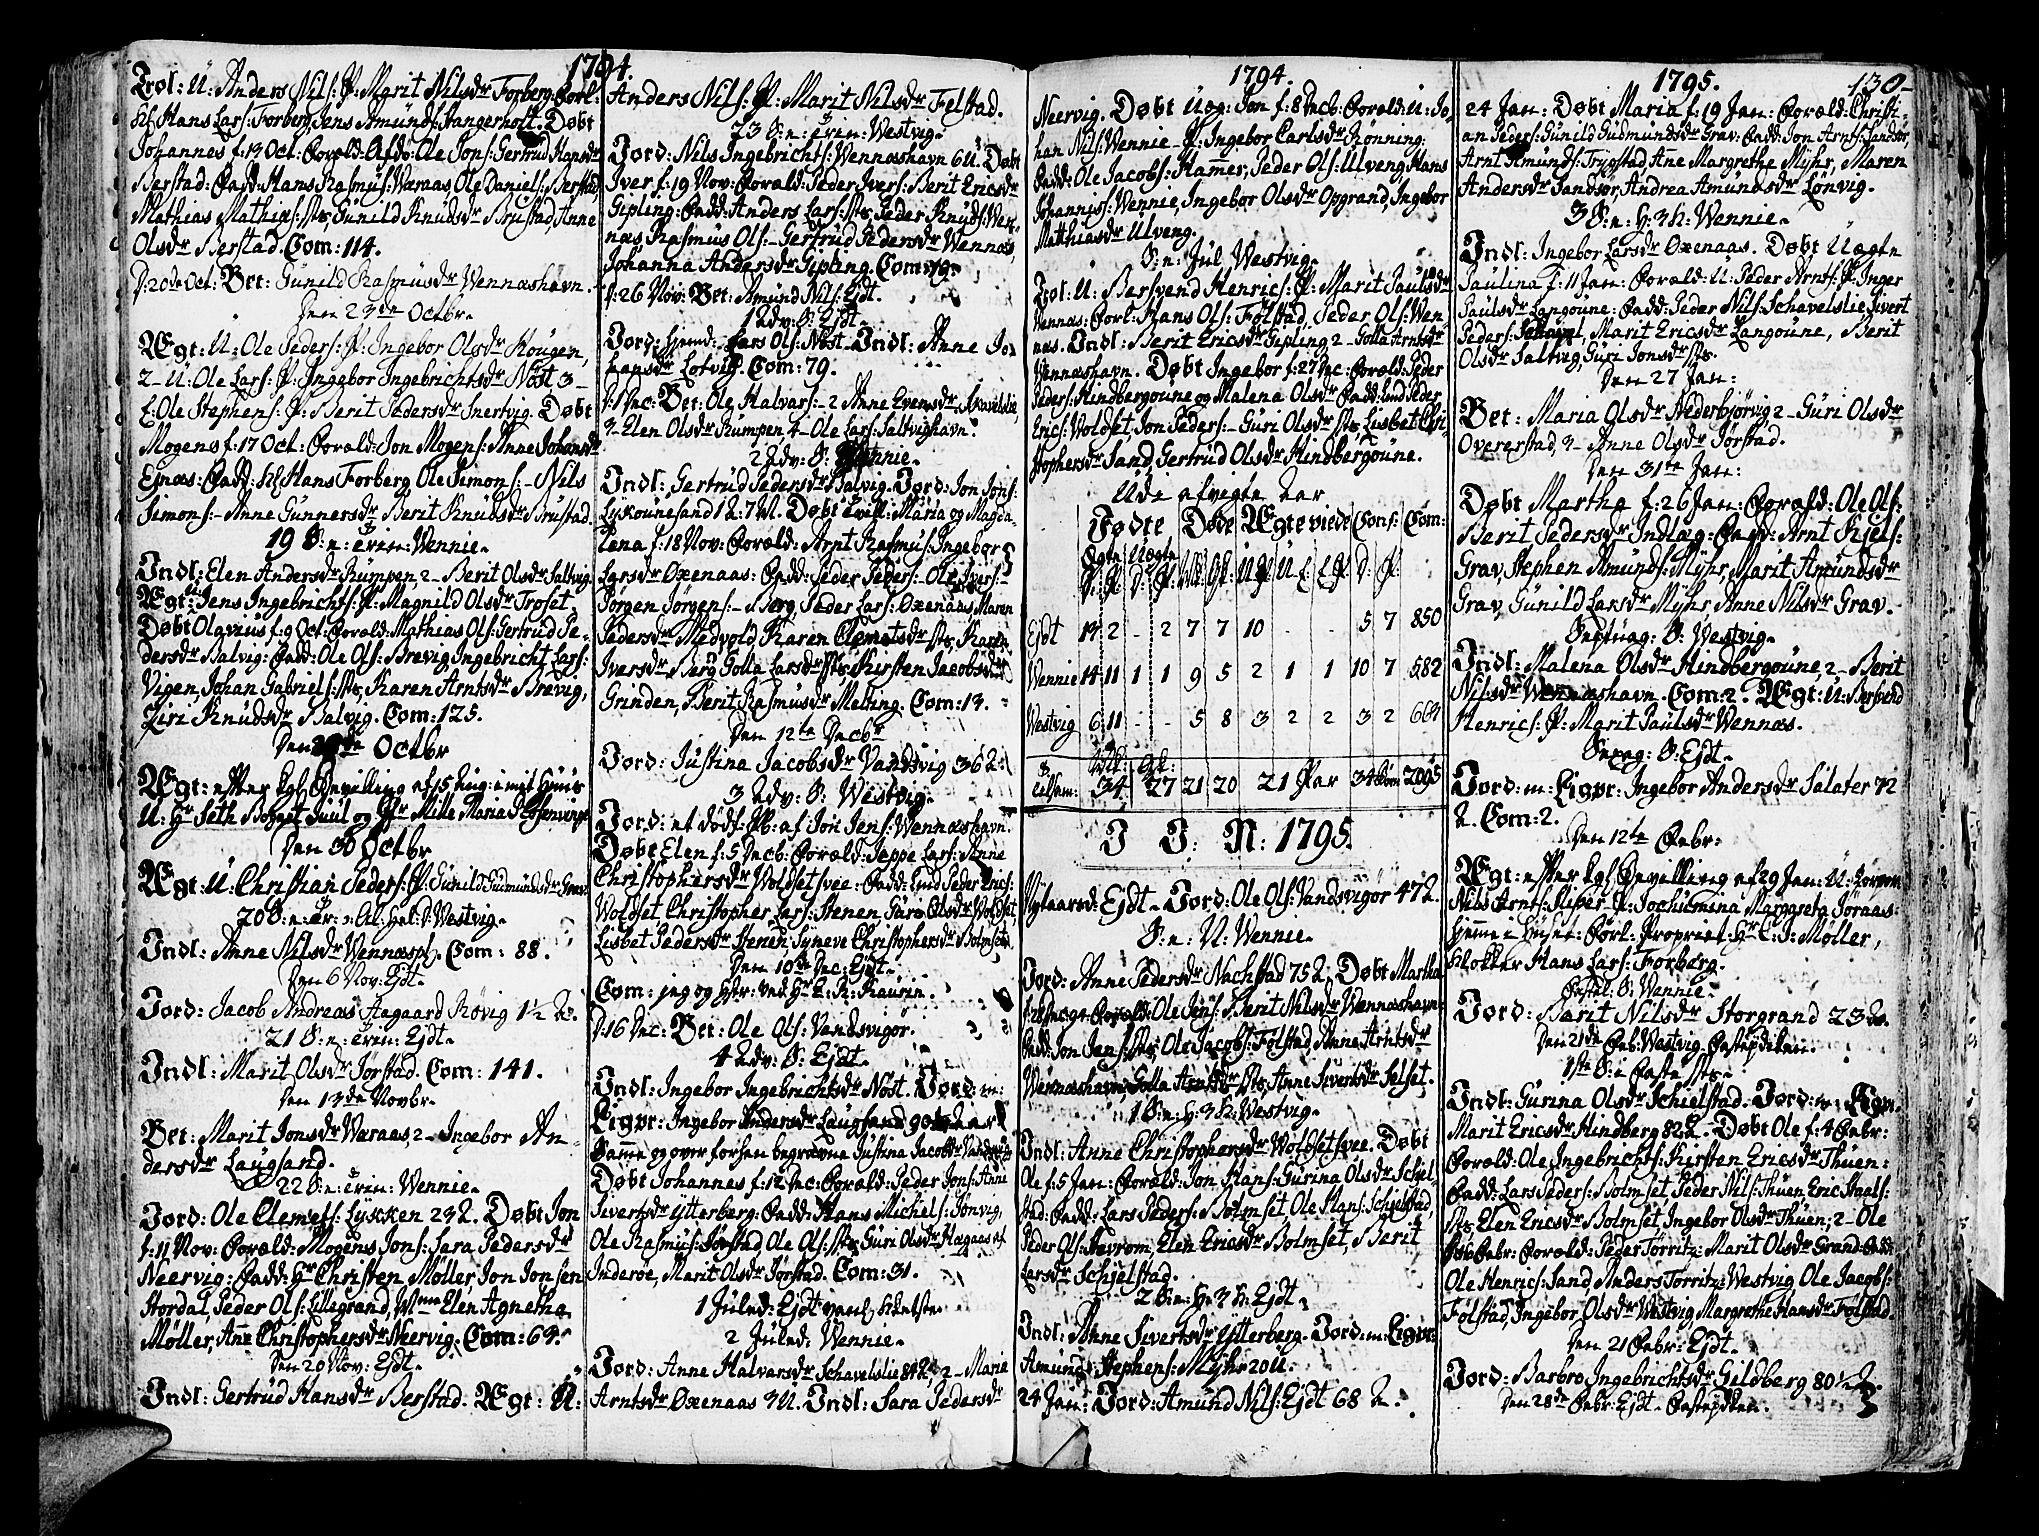 SAT, Ministerialprotokoller, klokkerbøker og fødselsregistre - Nord-Trøndelag, 722/L0216: Ministerialbok nr. 722A03, 1756-1816, s. 130